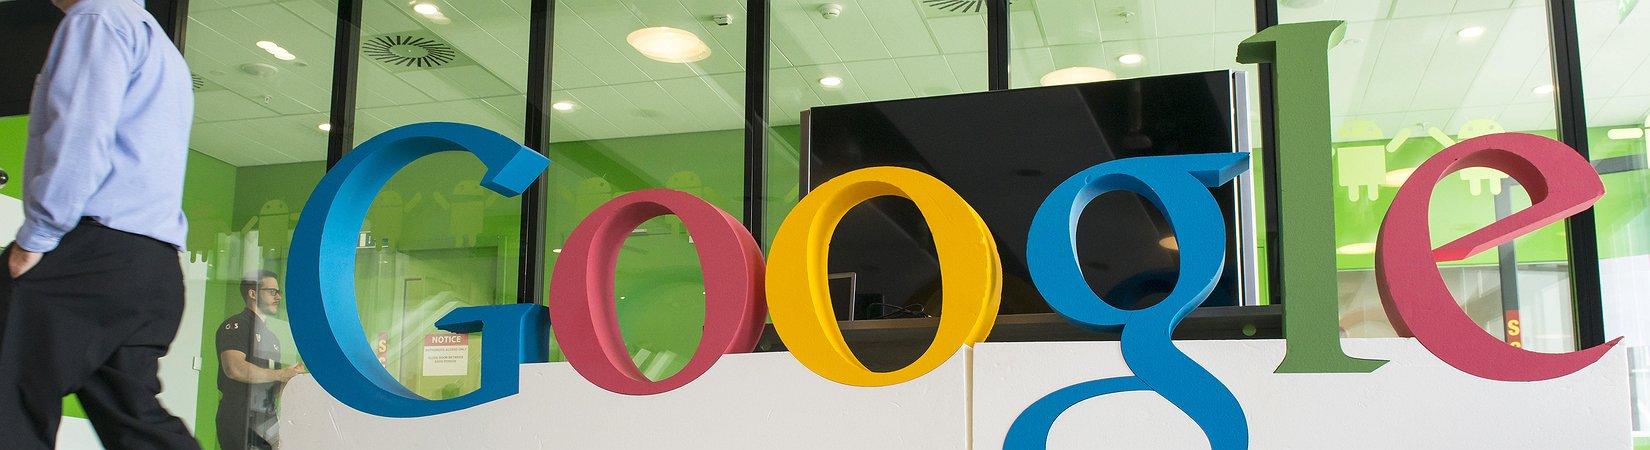 19 واقع عن Google لم تكن تعرفه